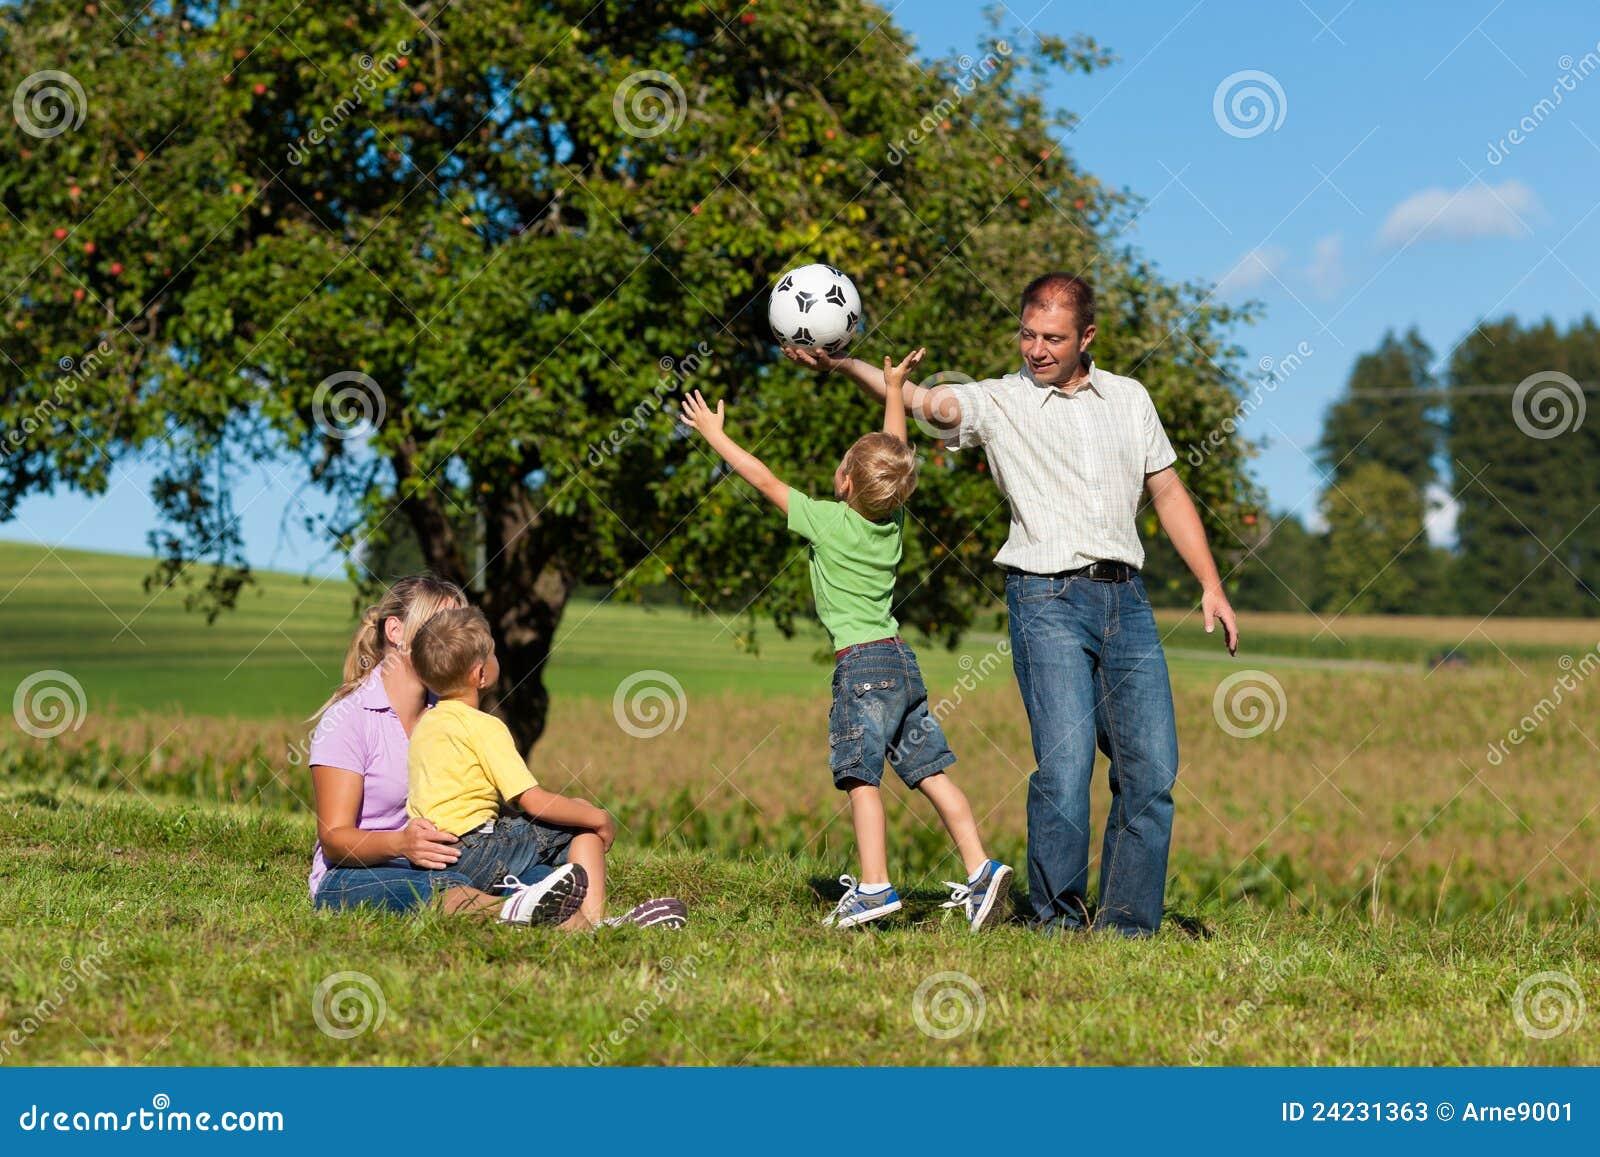 Glückliche Familie spielt Fußball am Sommer